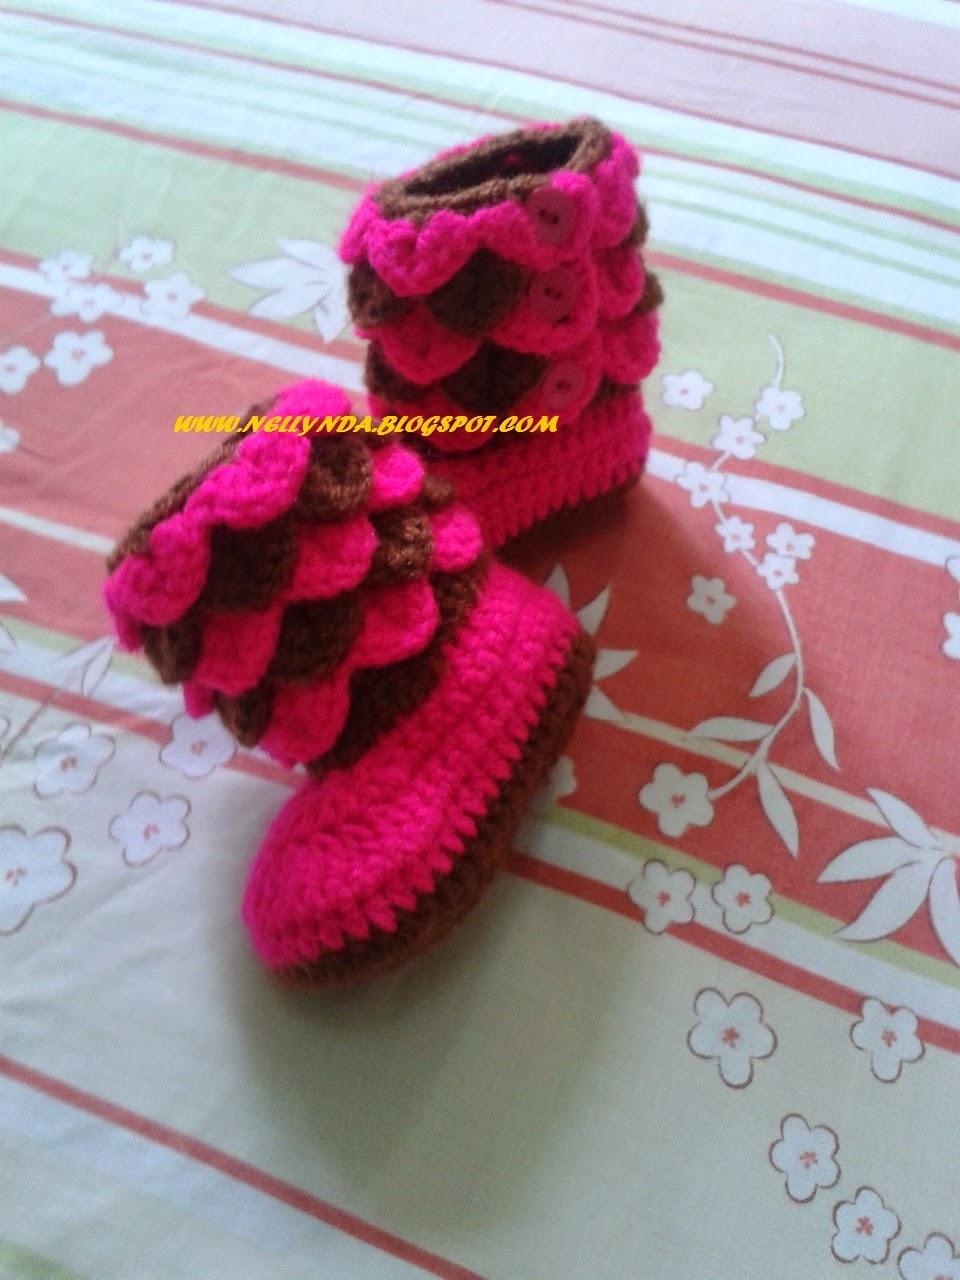 Contemporáneo Los Patrones De Crochet Libre De Cocodrilo Festooning ...